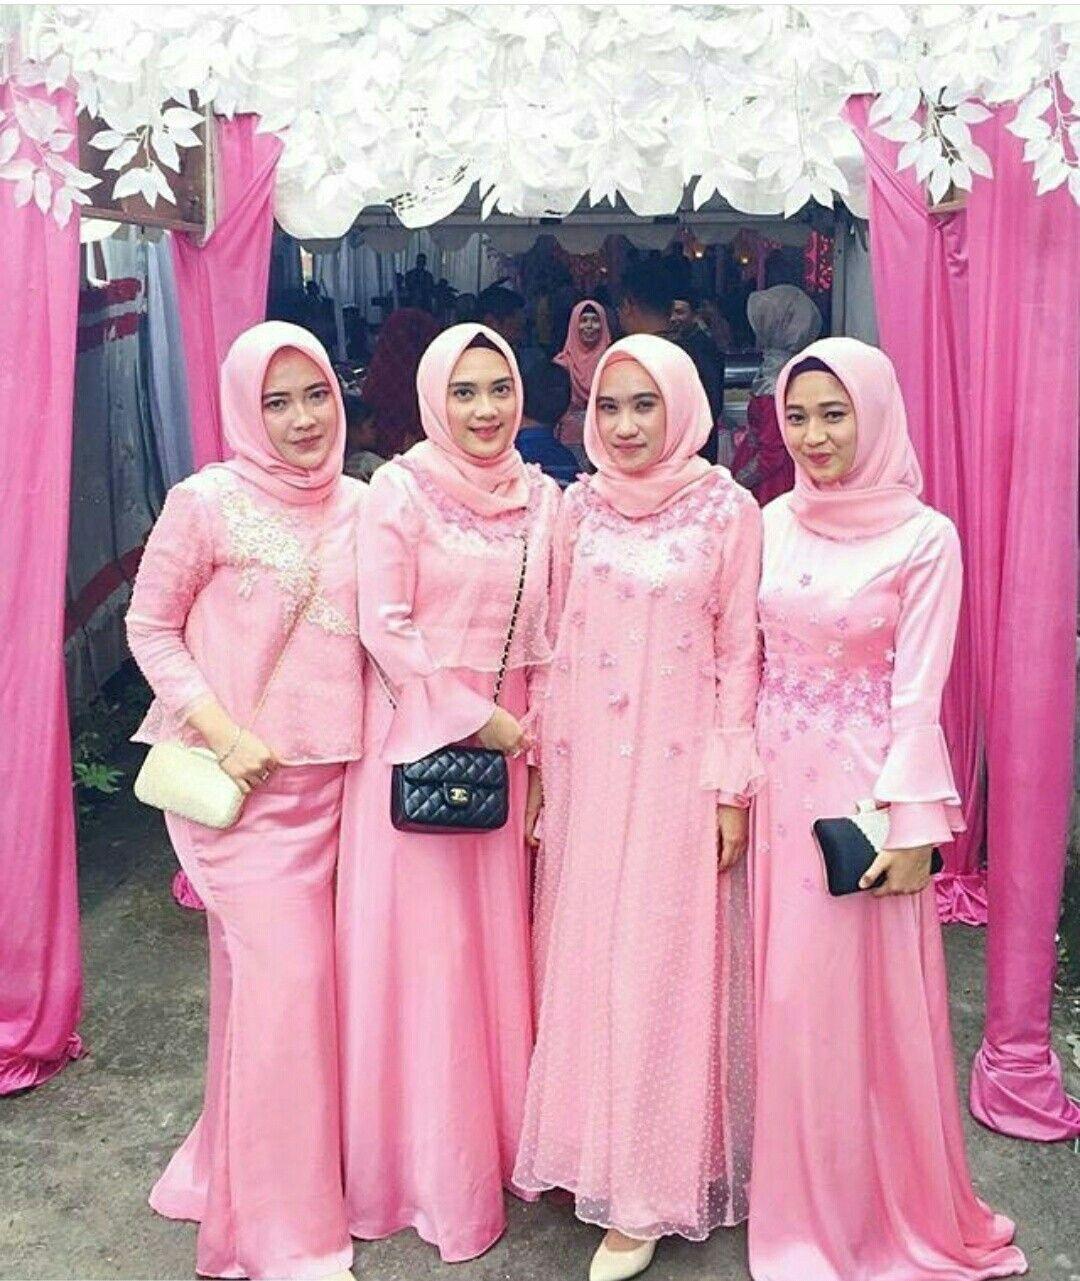 Baju bridesmaid berwarna pink